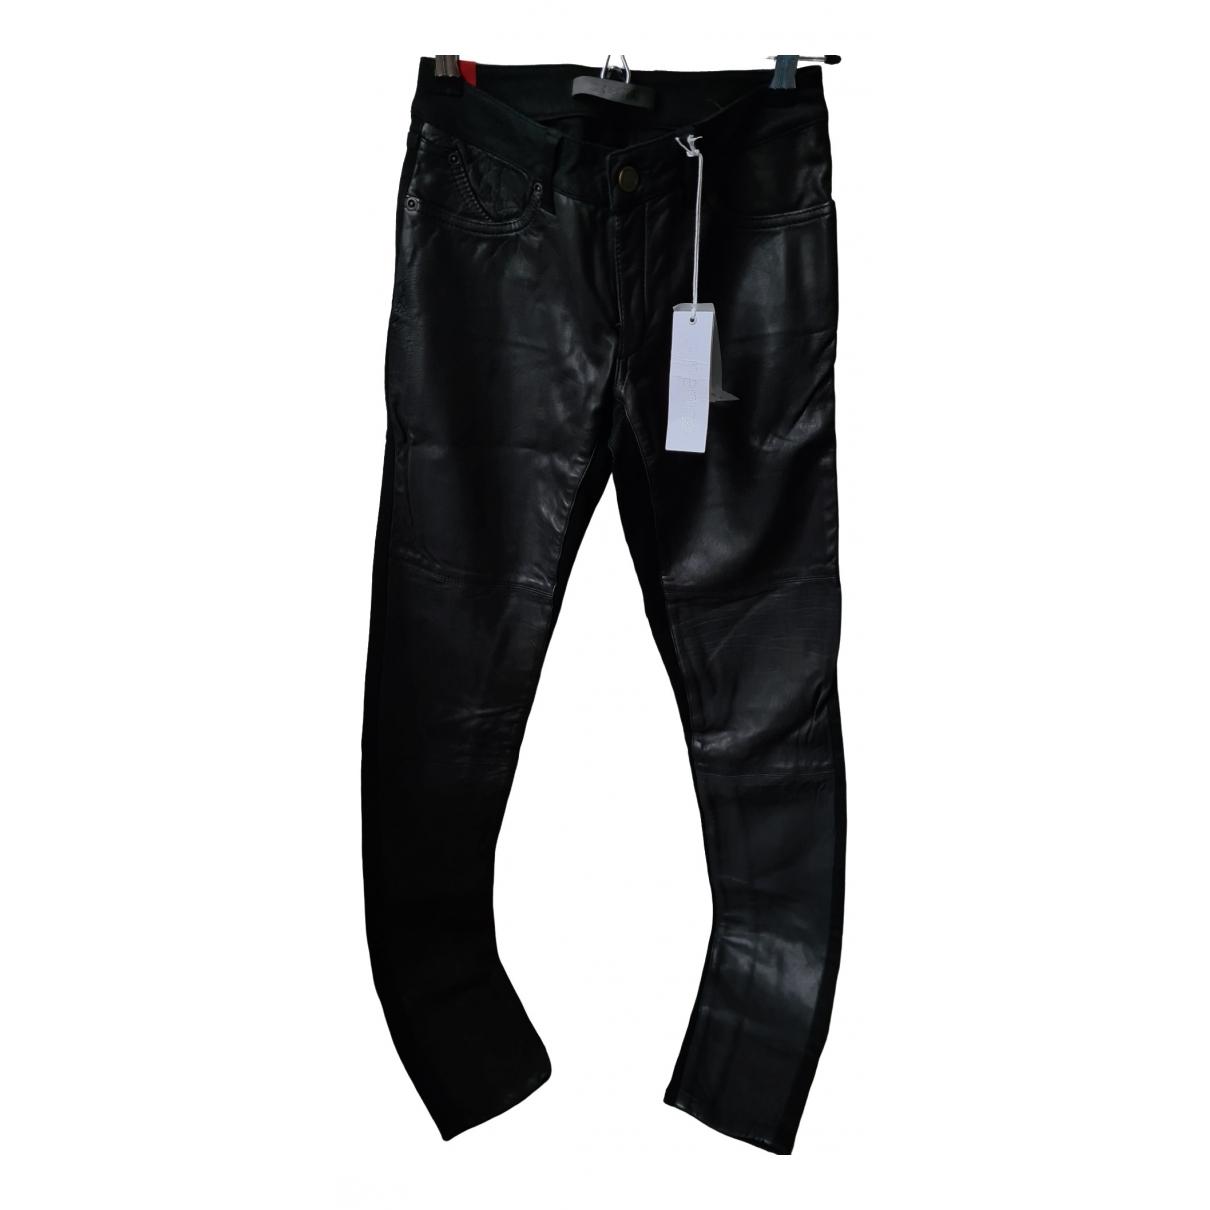 Pantalon de traje de Cuero Superfine